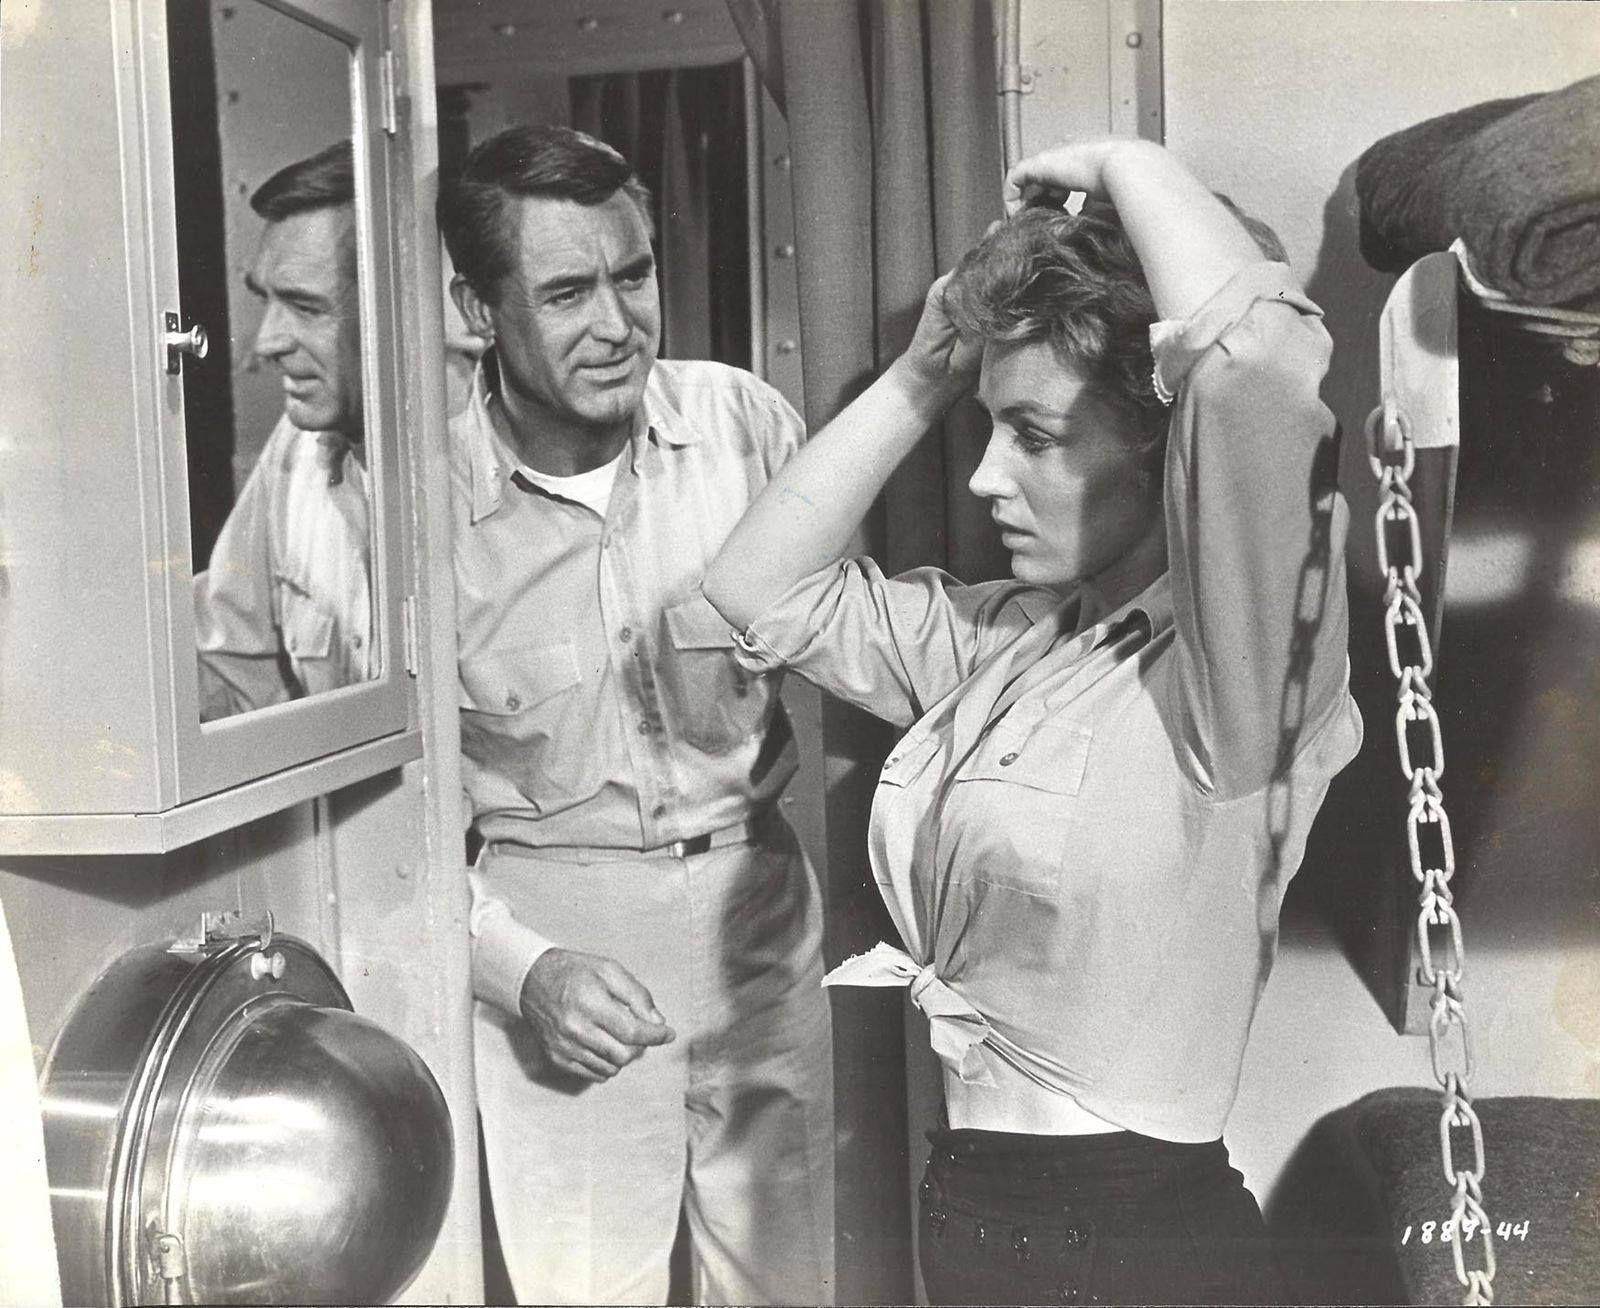 Cary Grant & Joan O'Brien - Operation Petticoat, 1959